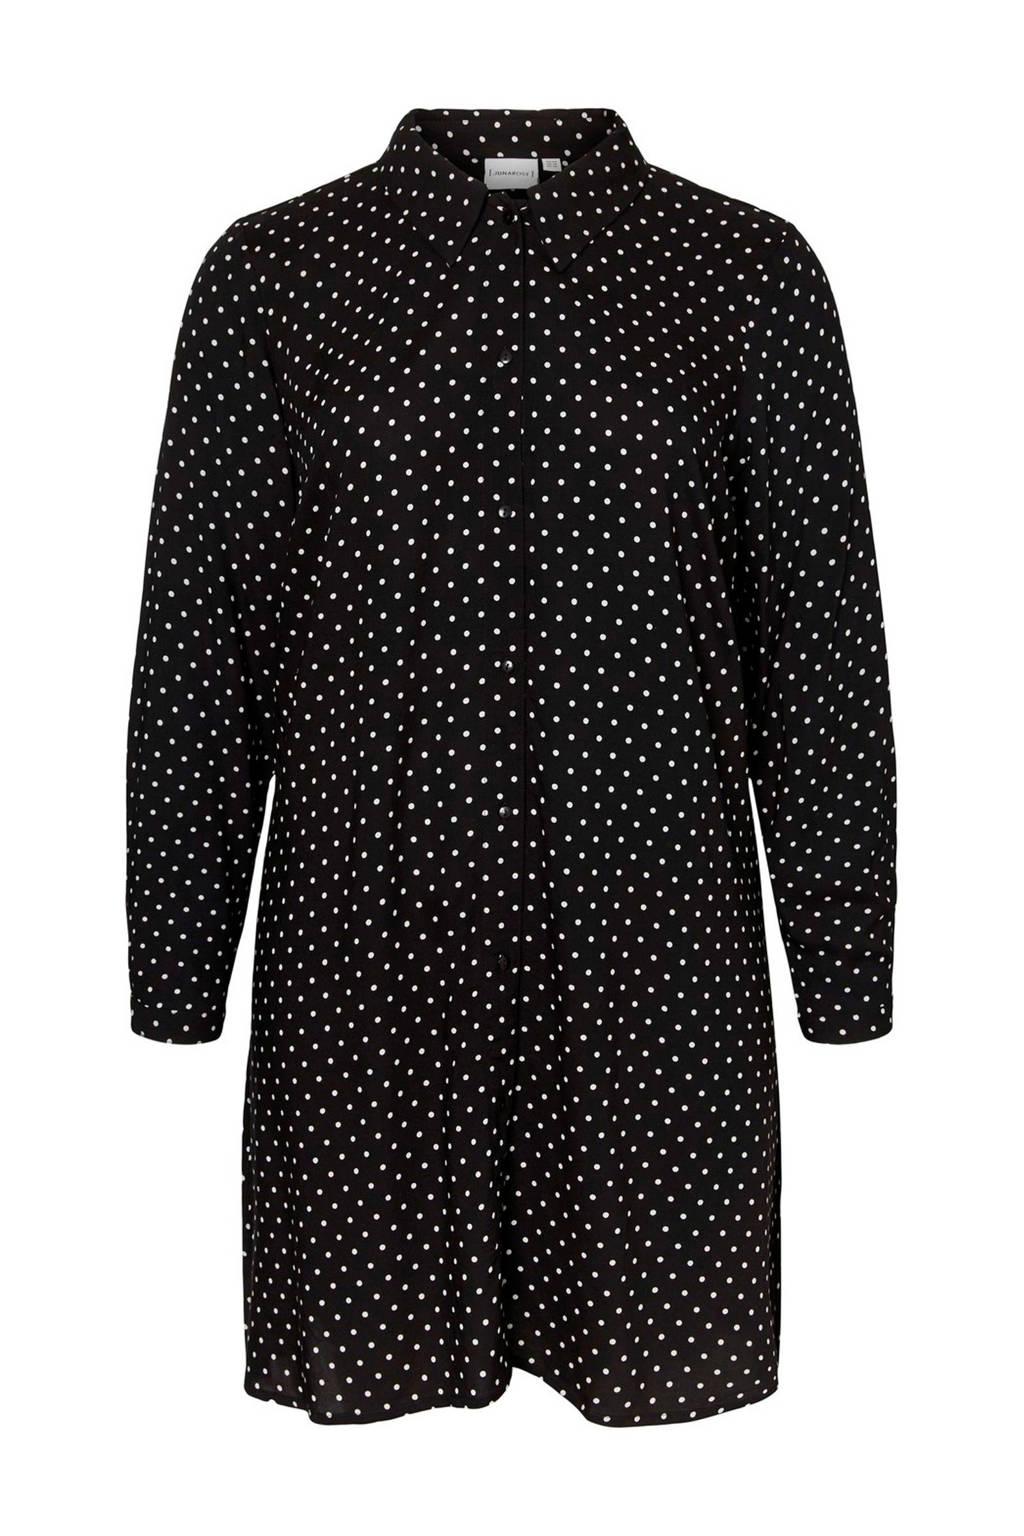 JUNAROSE blouse met stippen zwart/wit, Zwart/wit